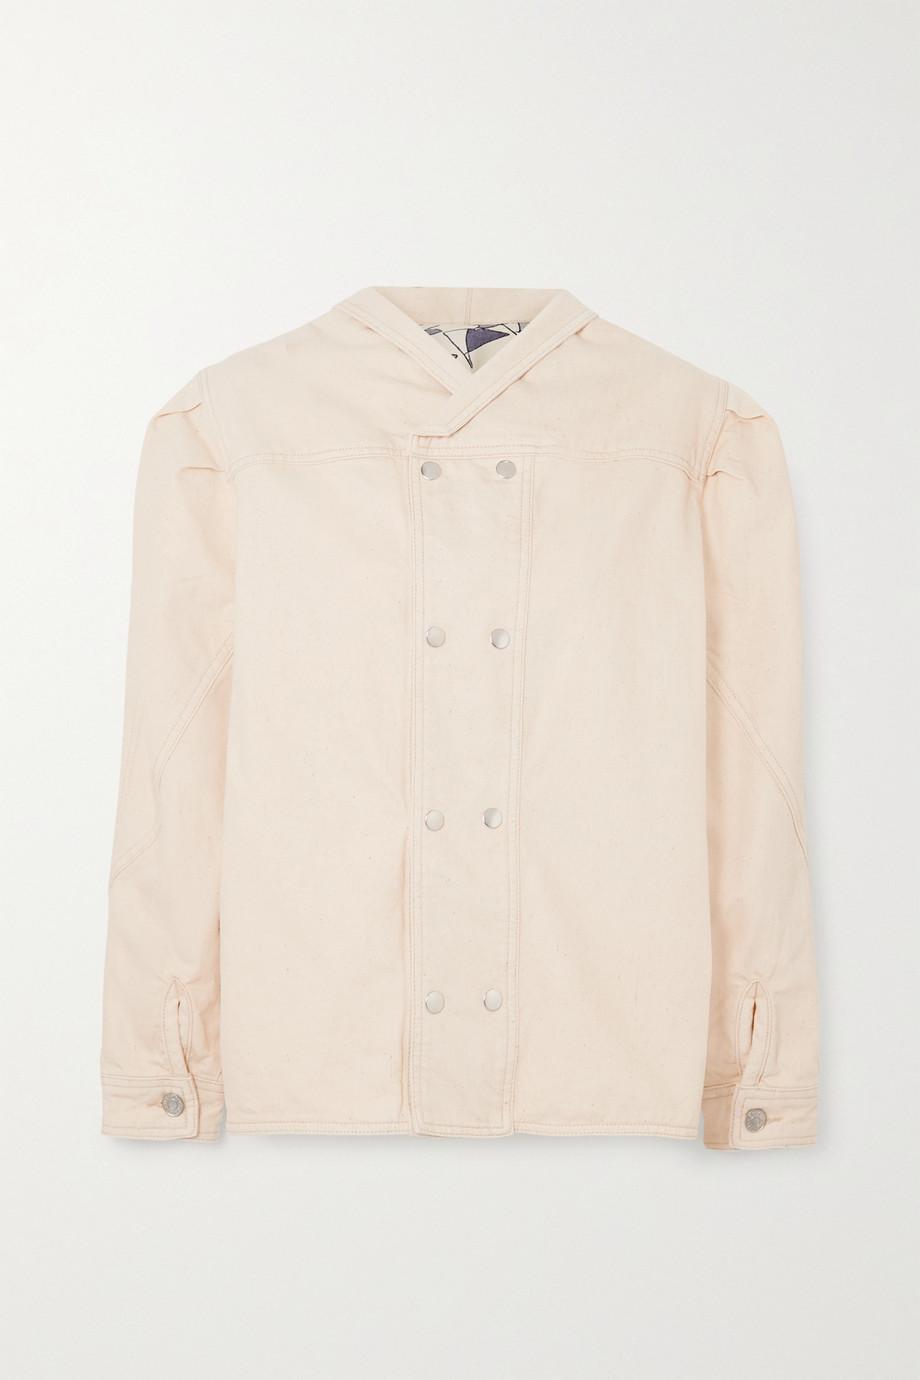 Isabel Marant Espera doppelreihige Oversized-Jacke aus Baumwolle